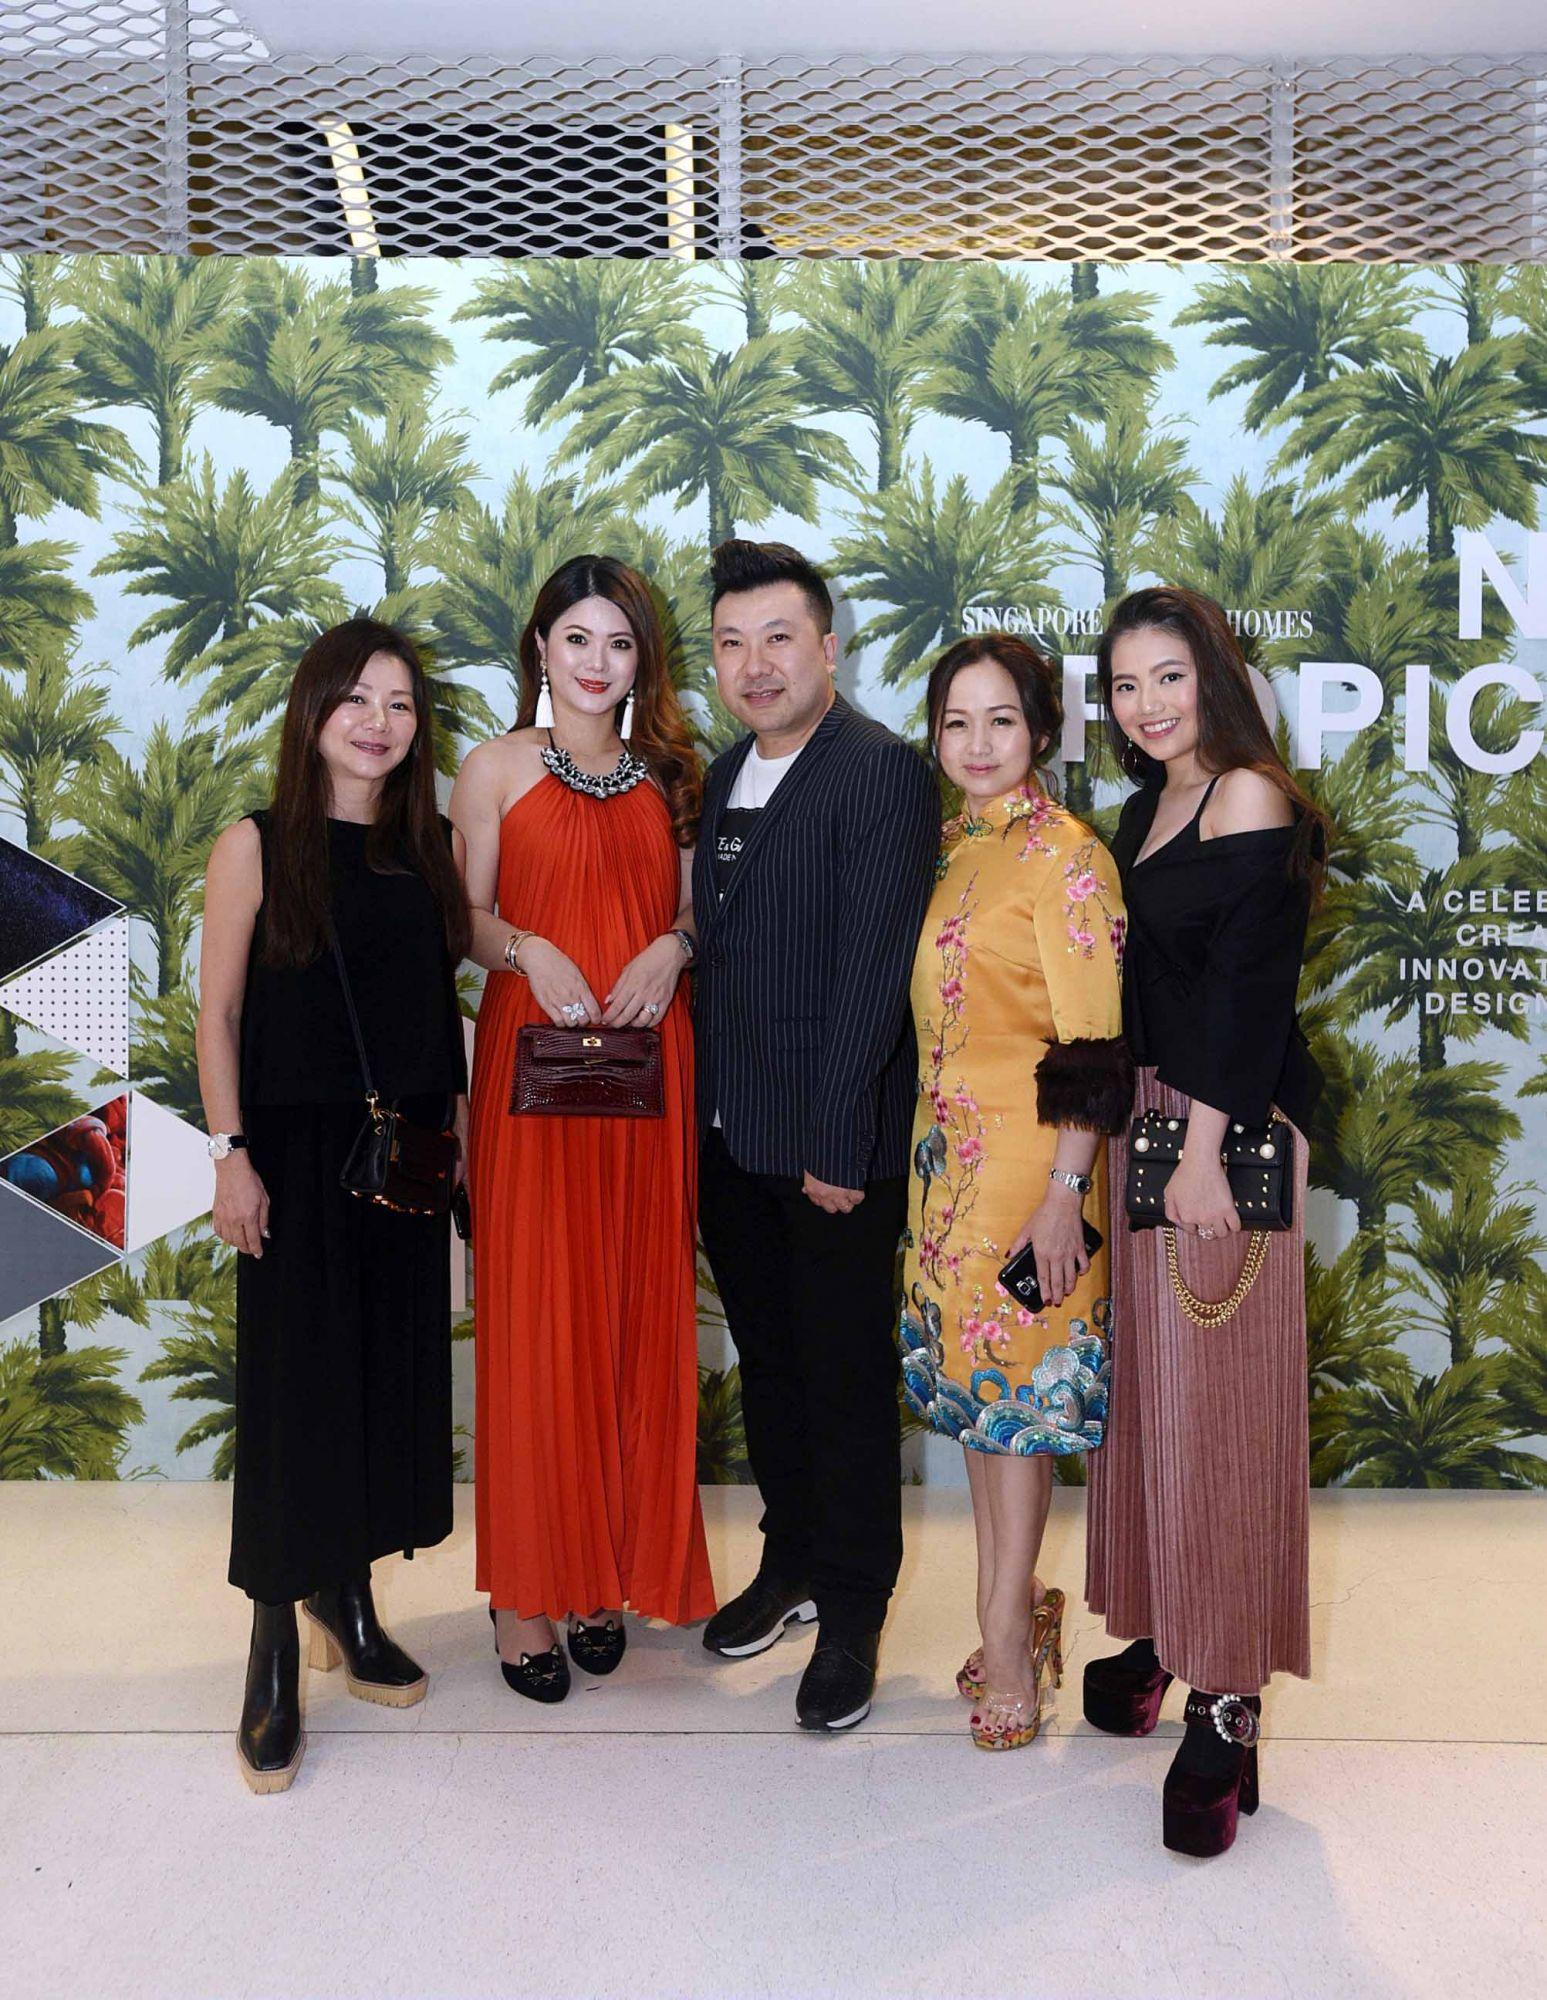 Angela Ng, Chermaine Pang, Terence Siew, Tonya Tan, Vanessa Ng